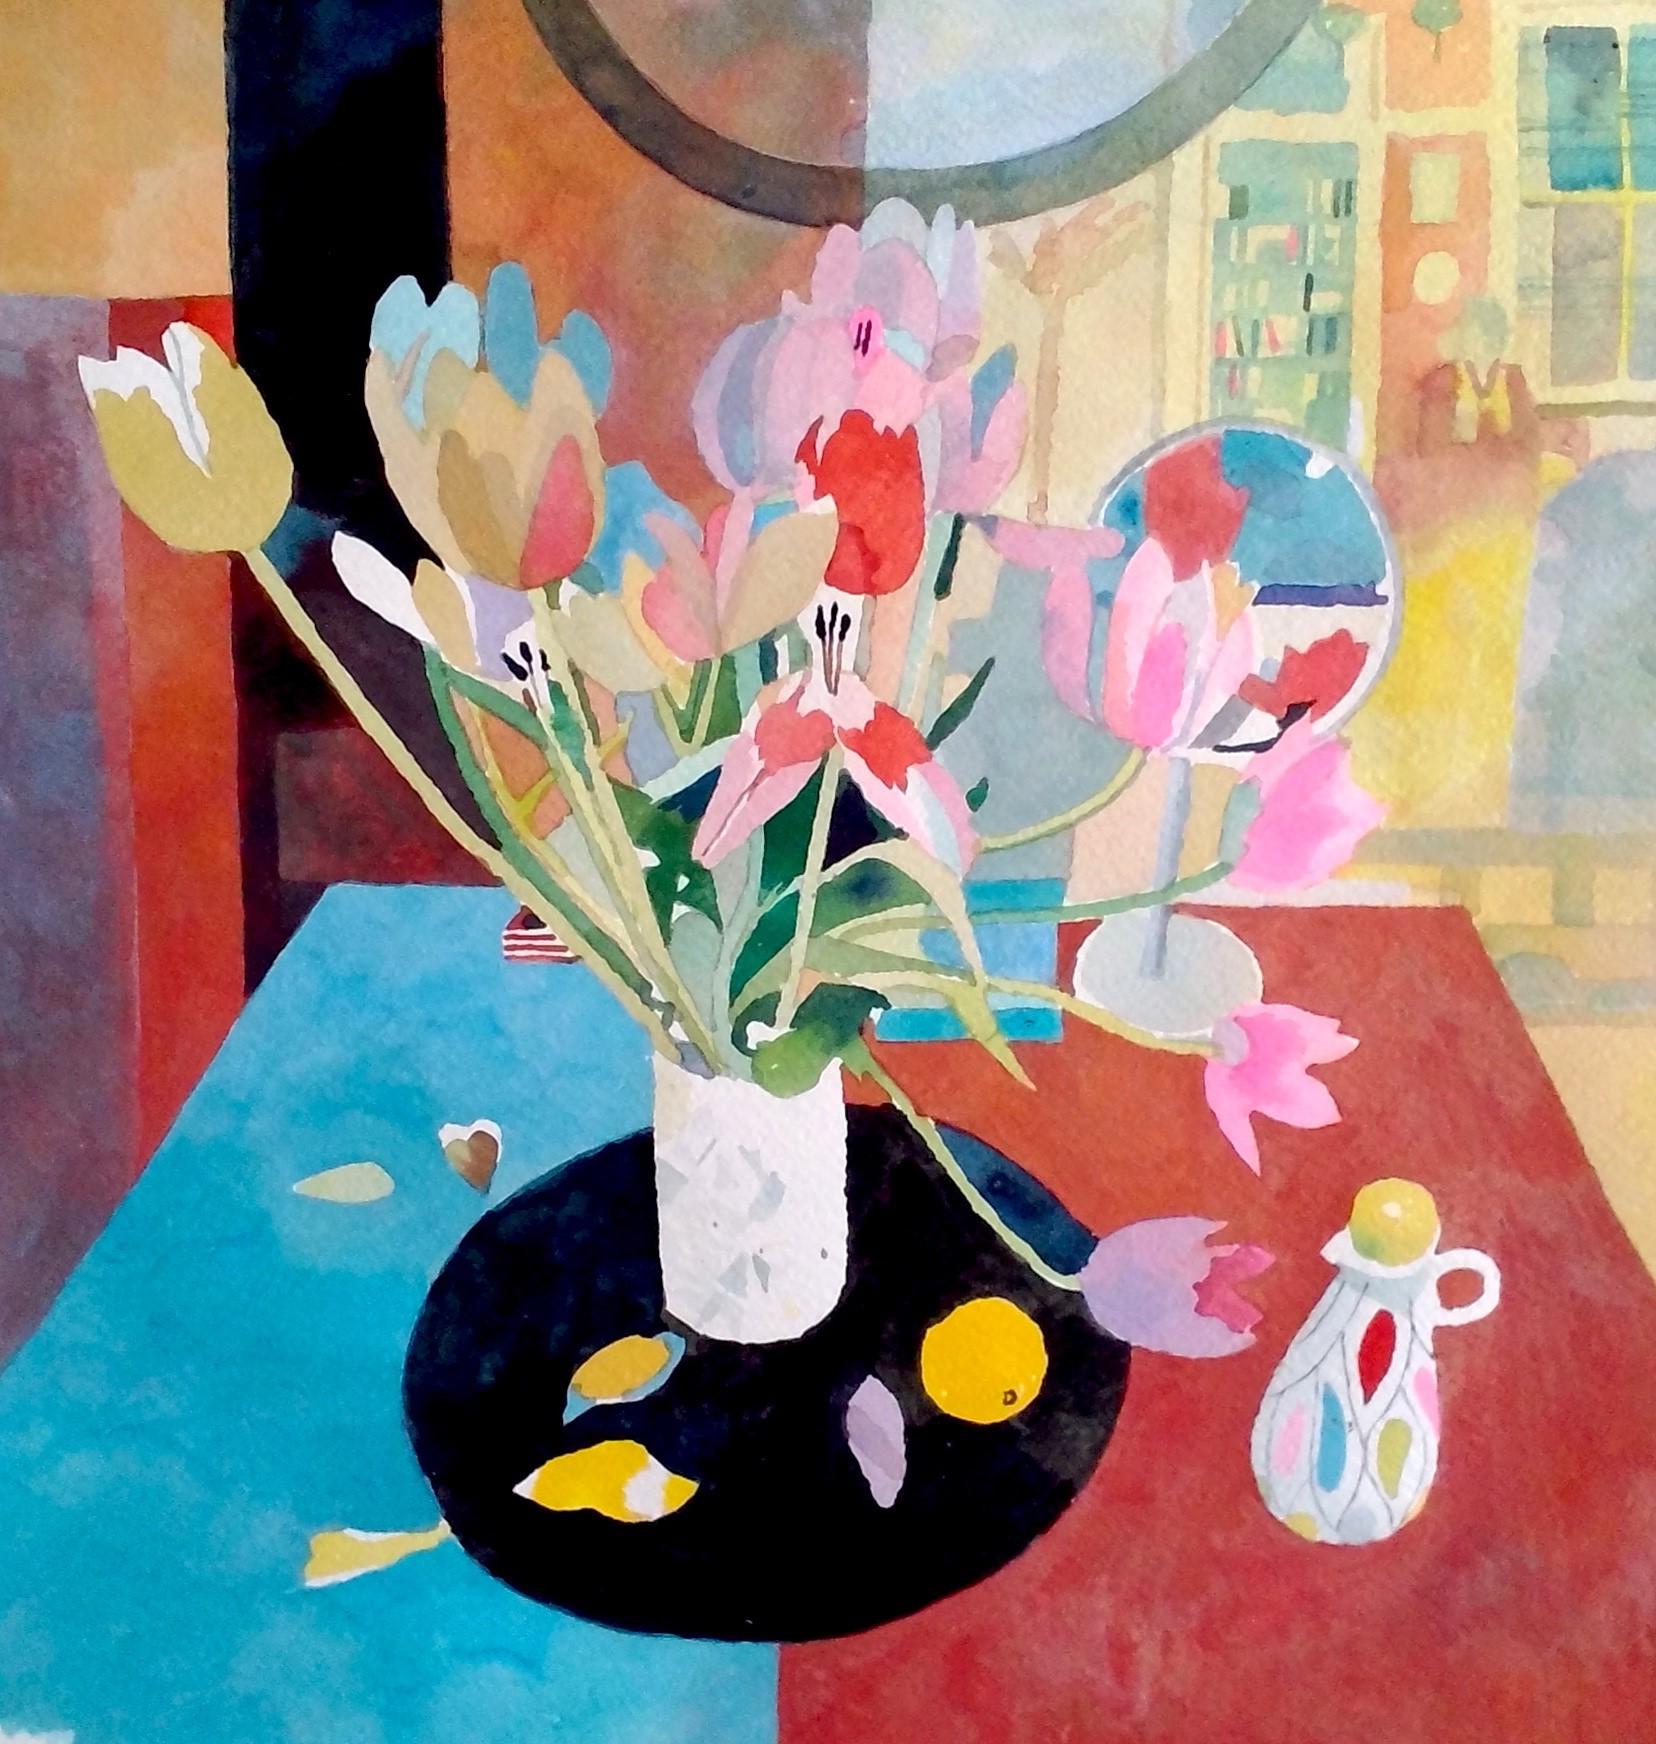 Nicola Gregory Gallery 05